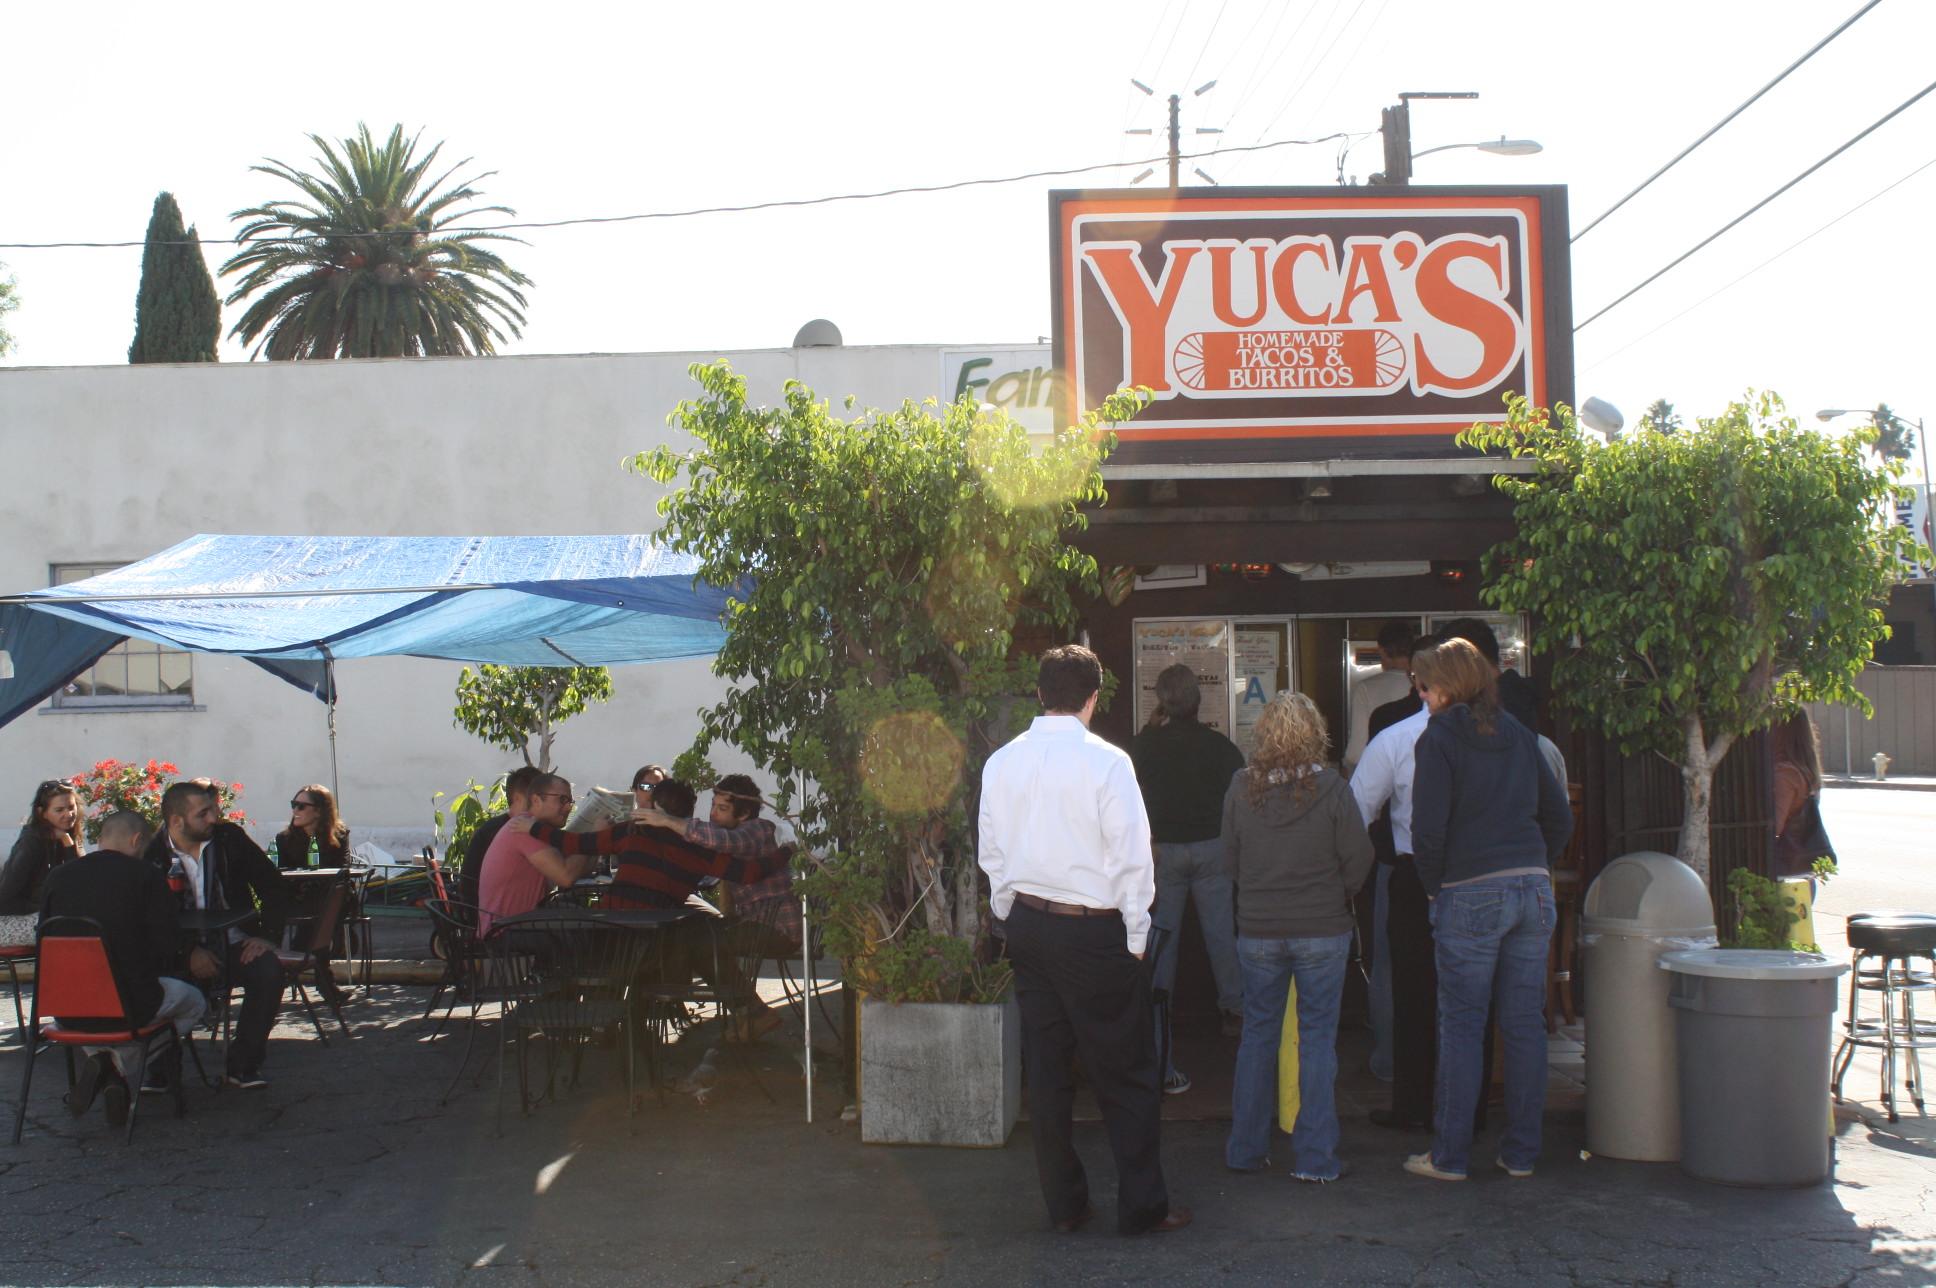 El lugar es muy pequeño, pero eso si, lleno de sabor. (Foto Agustín Durán/El Pasajero).